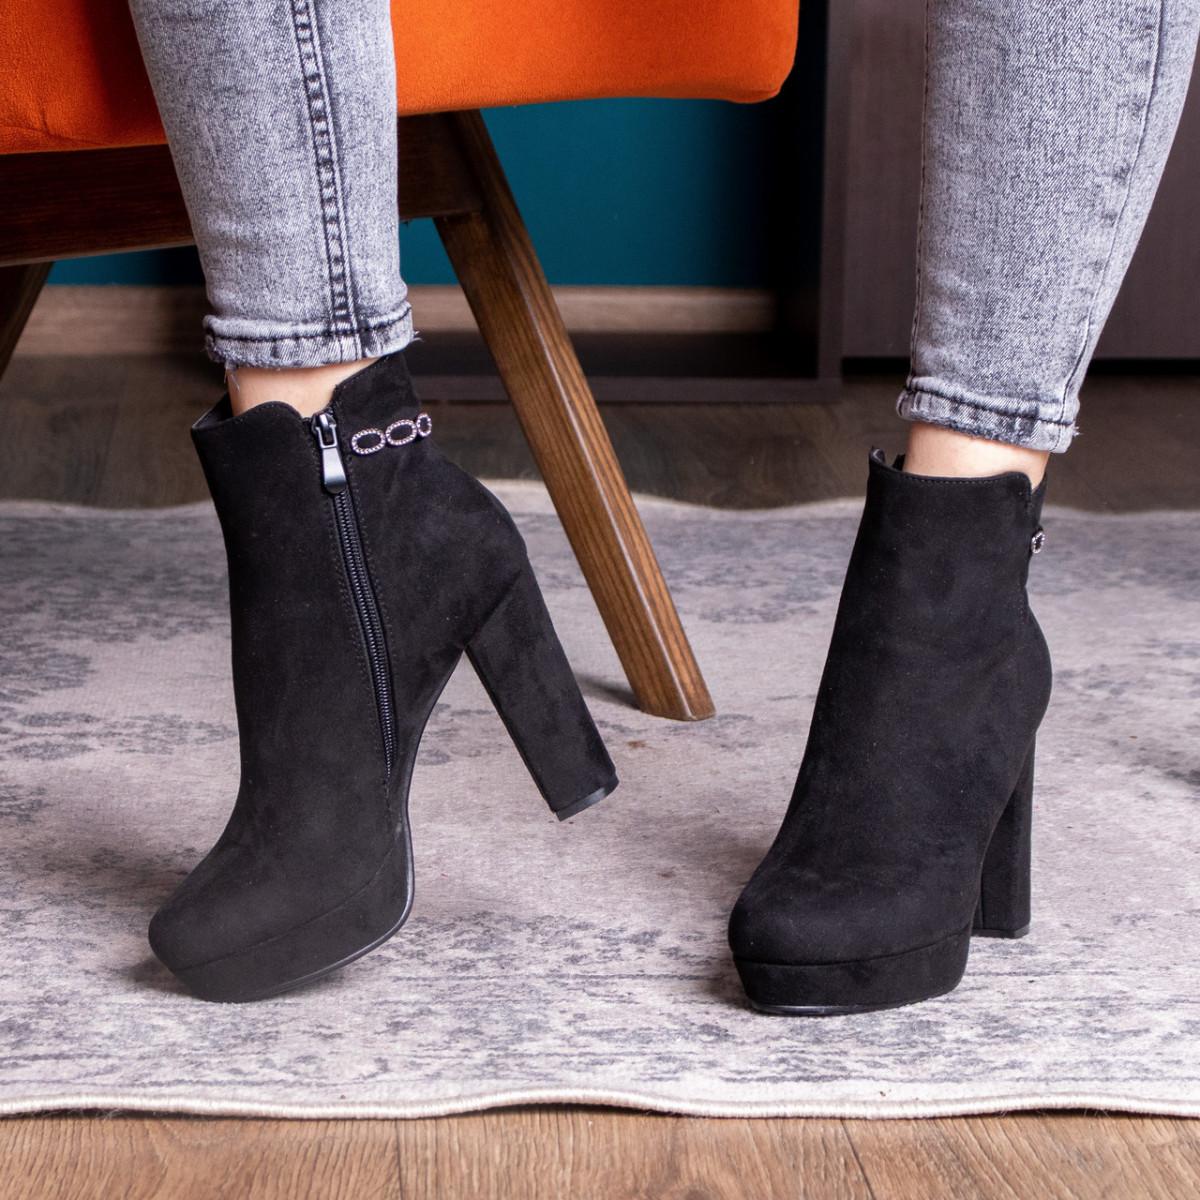 Ботильоны женские Fashion Toffi 2164 38 размер 24 см Черный